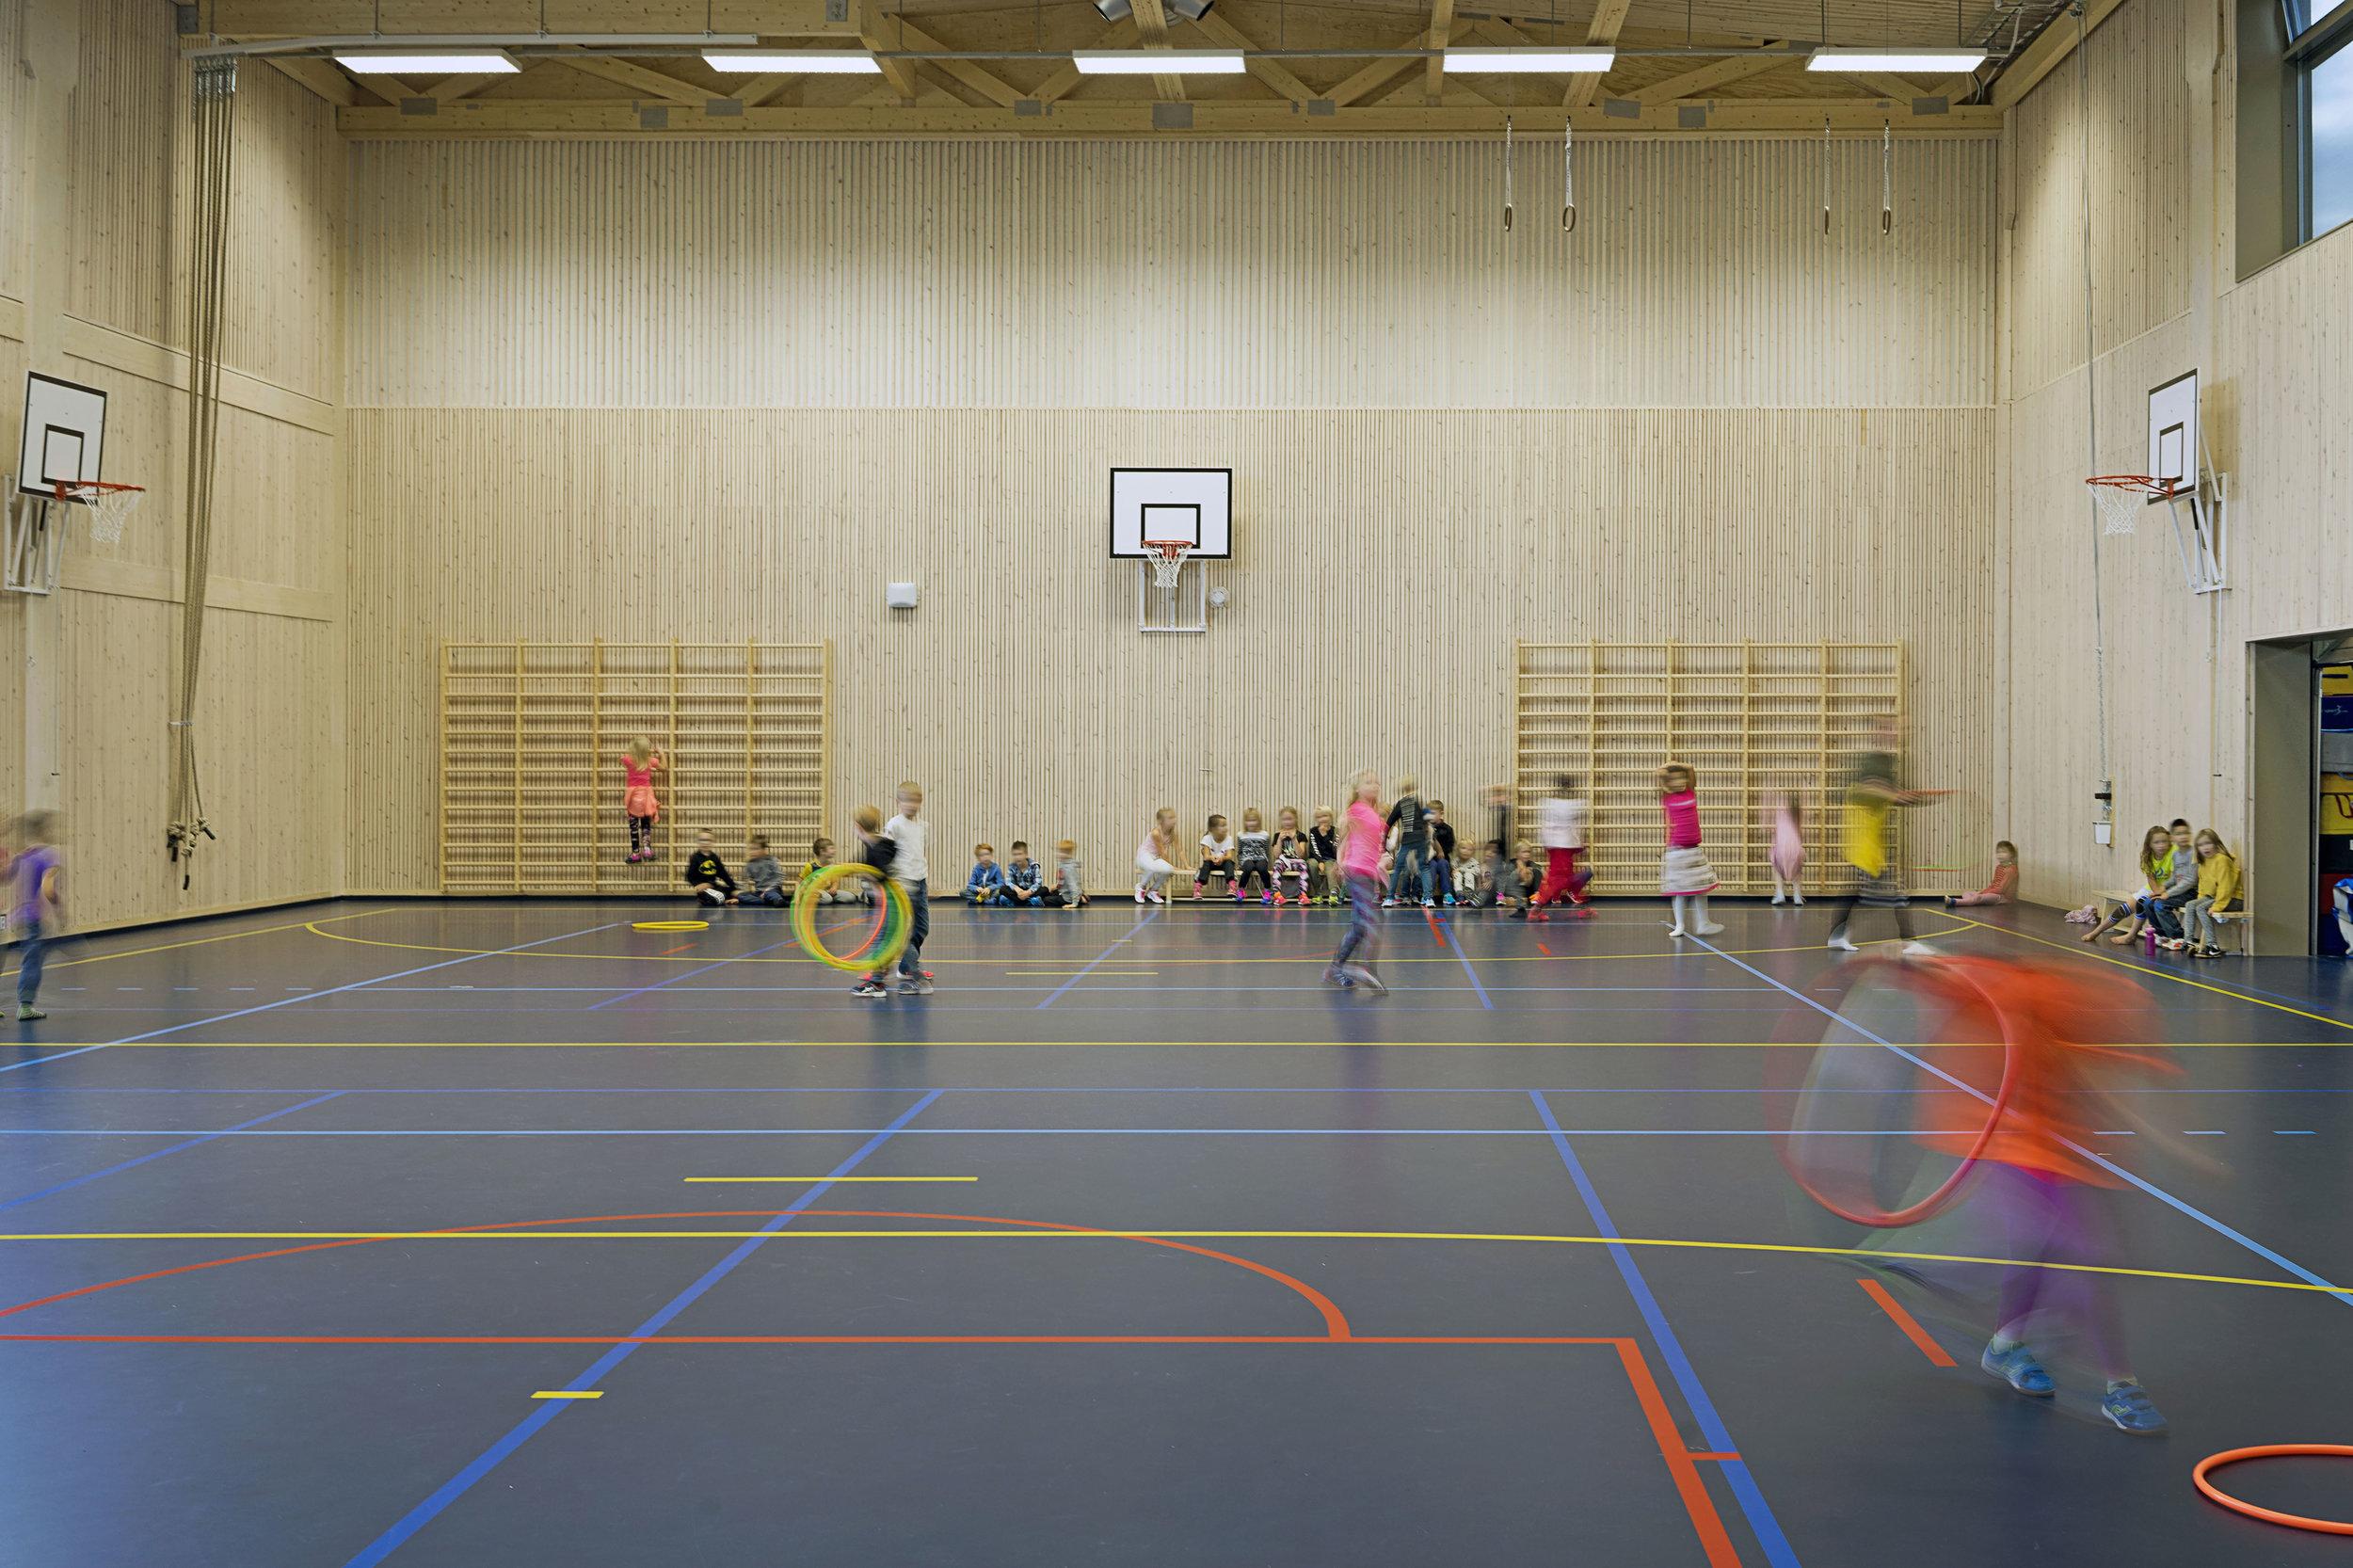 Planforum Arkitekter_Ytre Enebakk skole_Foto Eli Haugen Sandnes_Gymsal.jpg